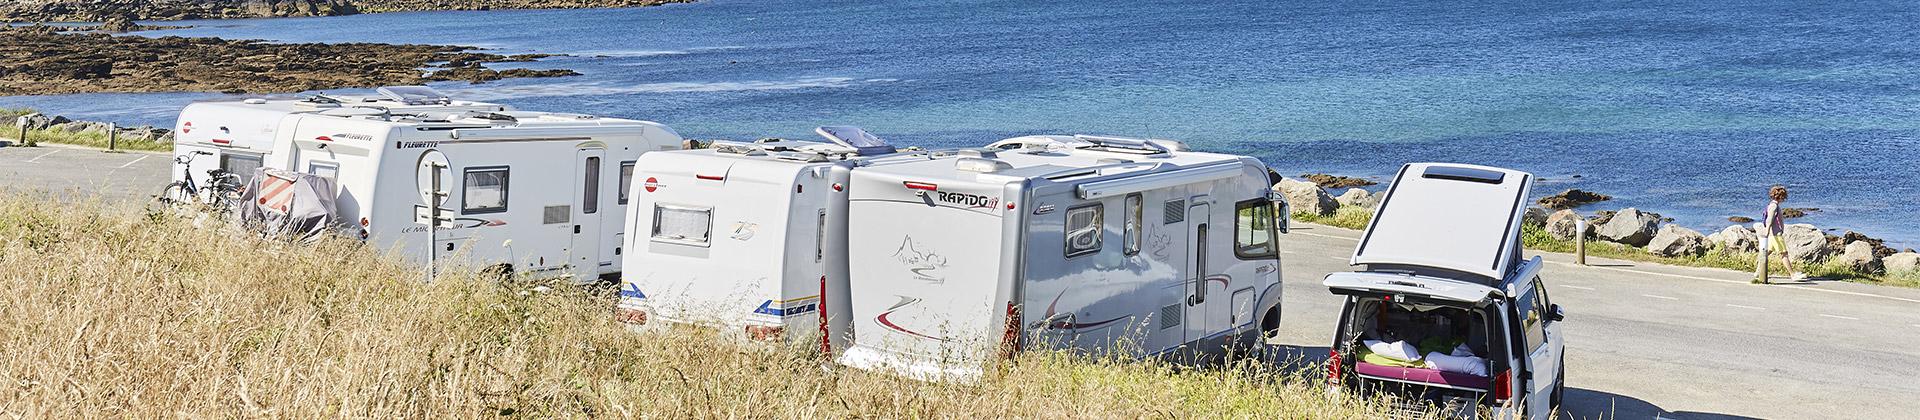 Les aires de camping-cars